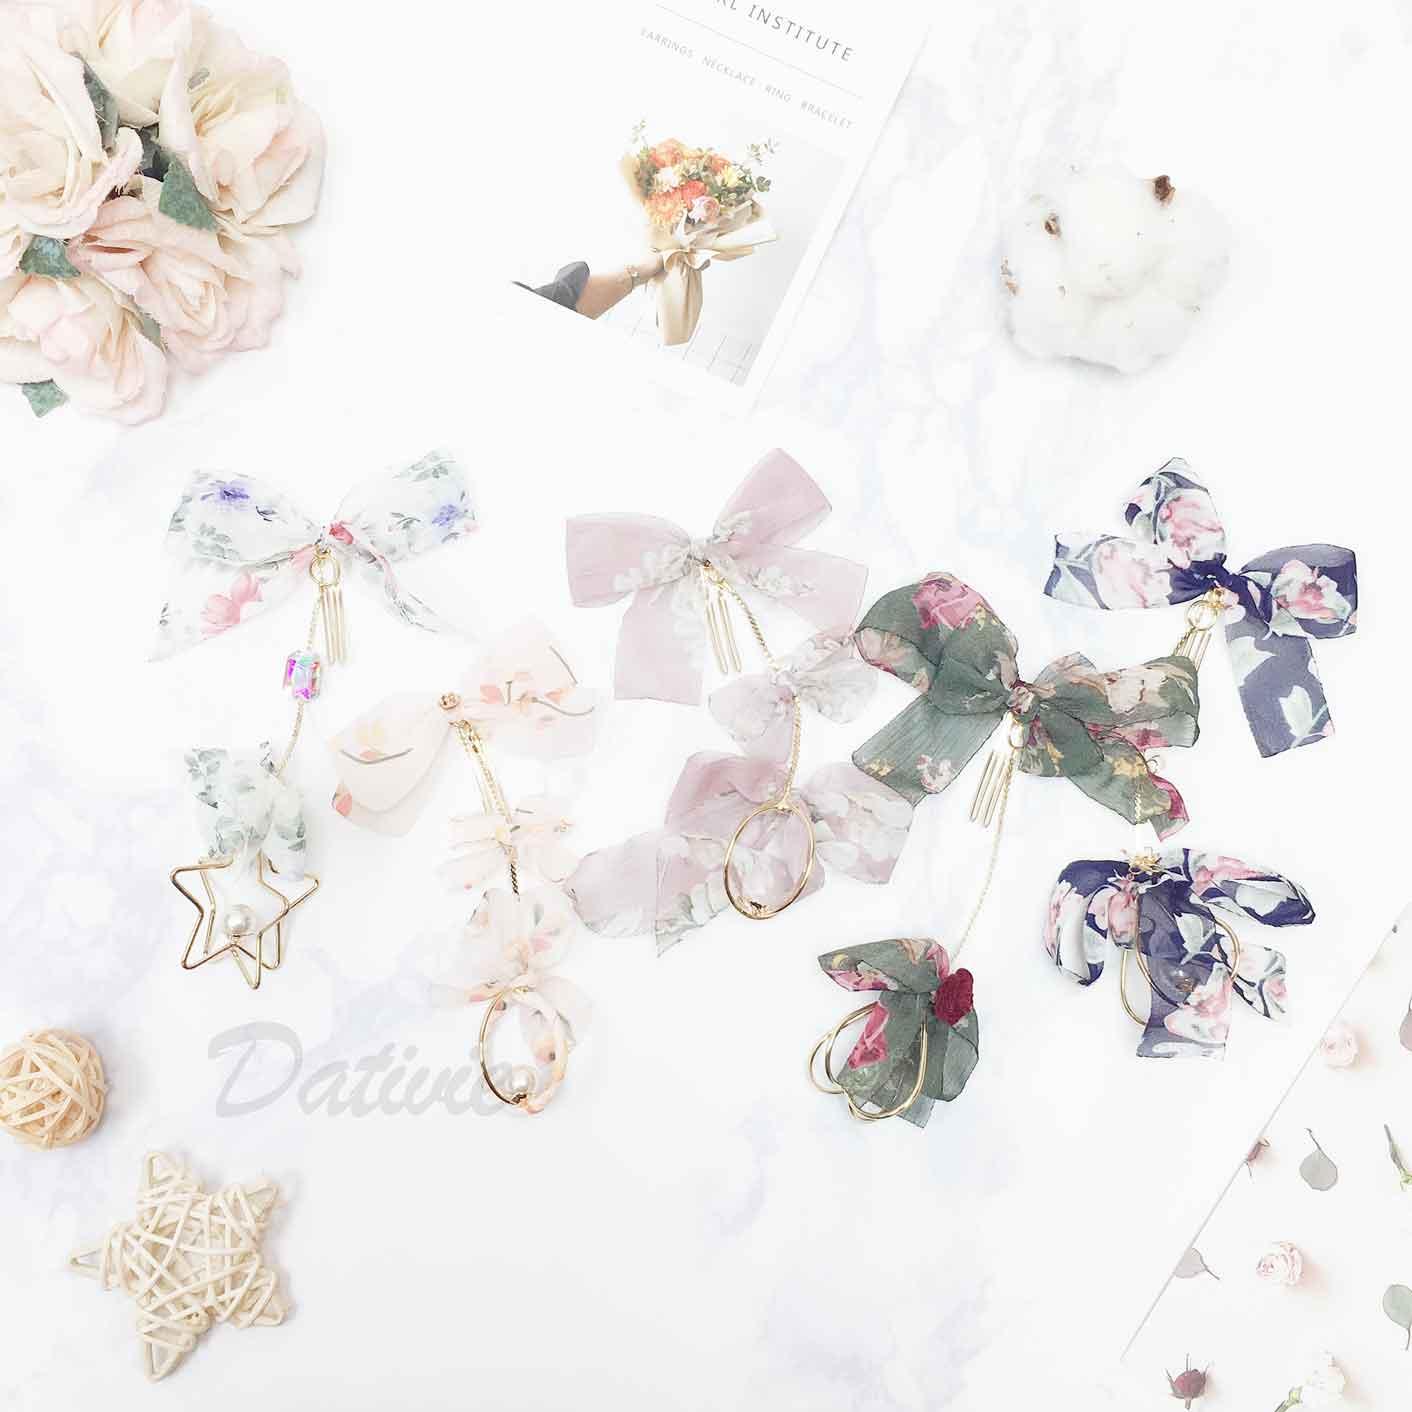 韓國 花 蝴蝶結 蕾絲紗 珍珠 水鑽 墜飾 髮飾 髮圈 髮束